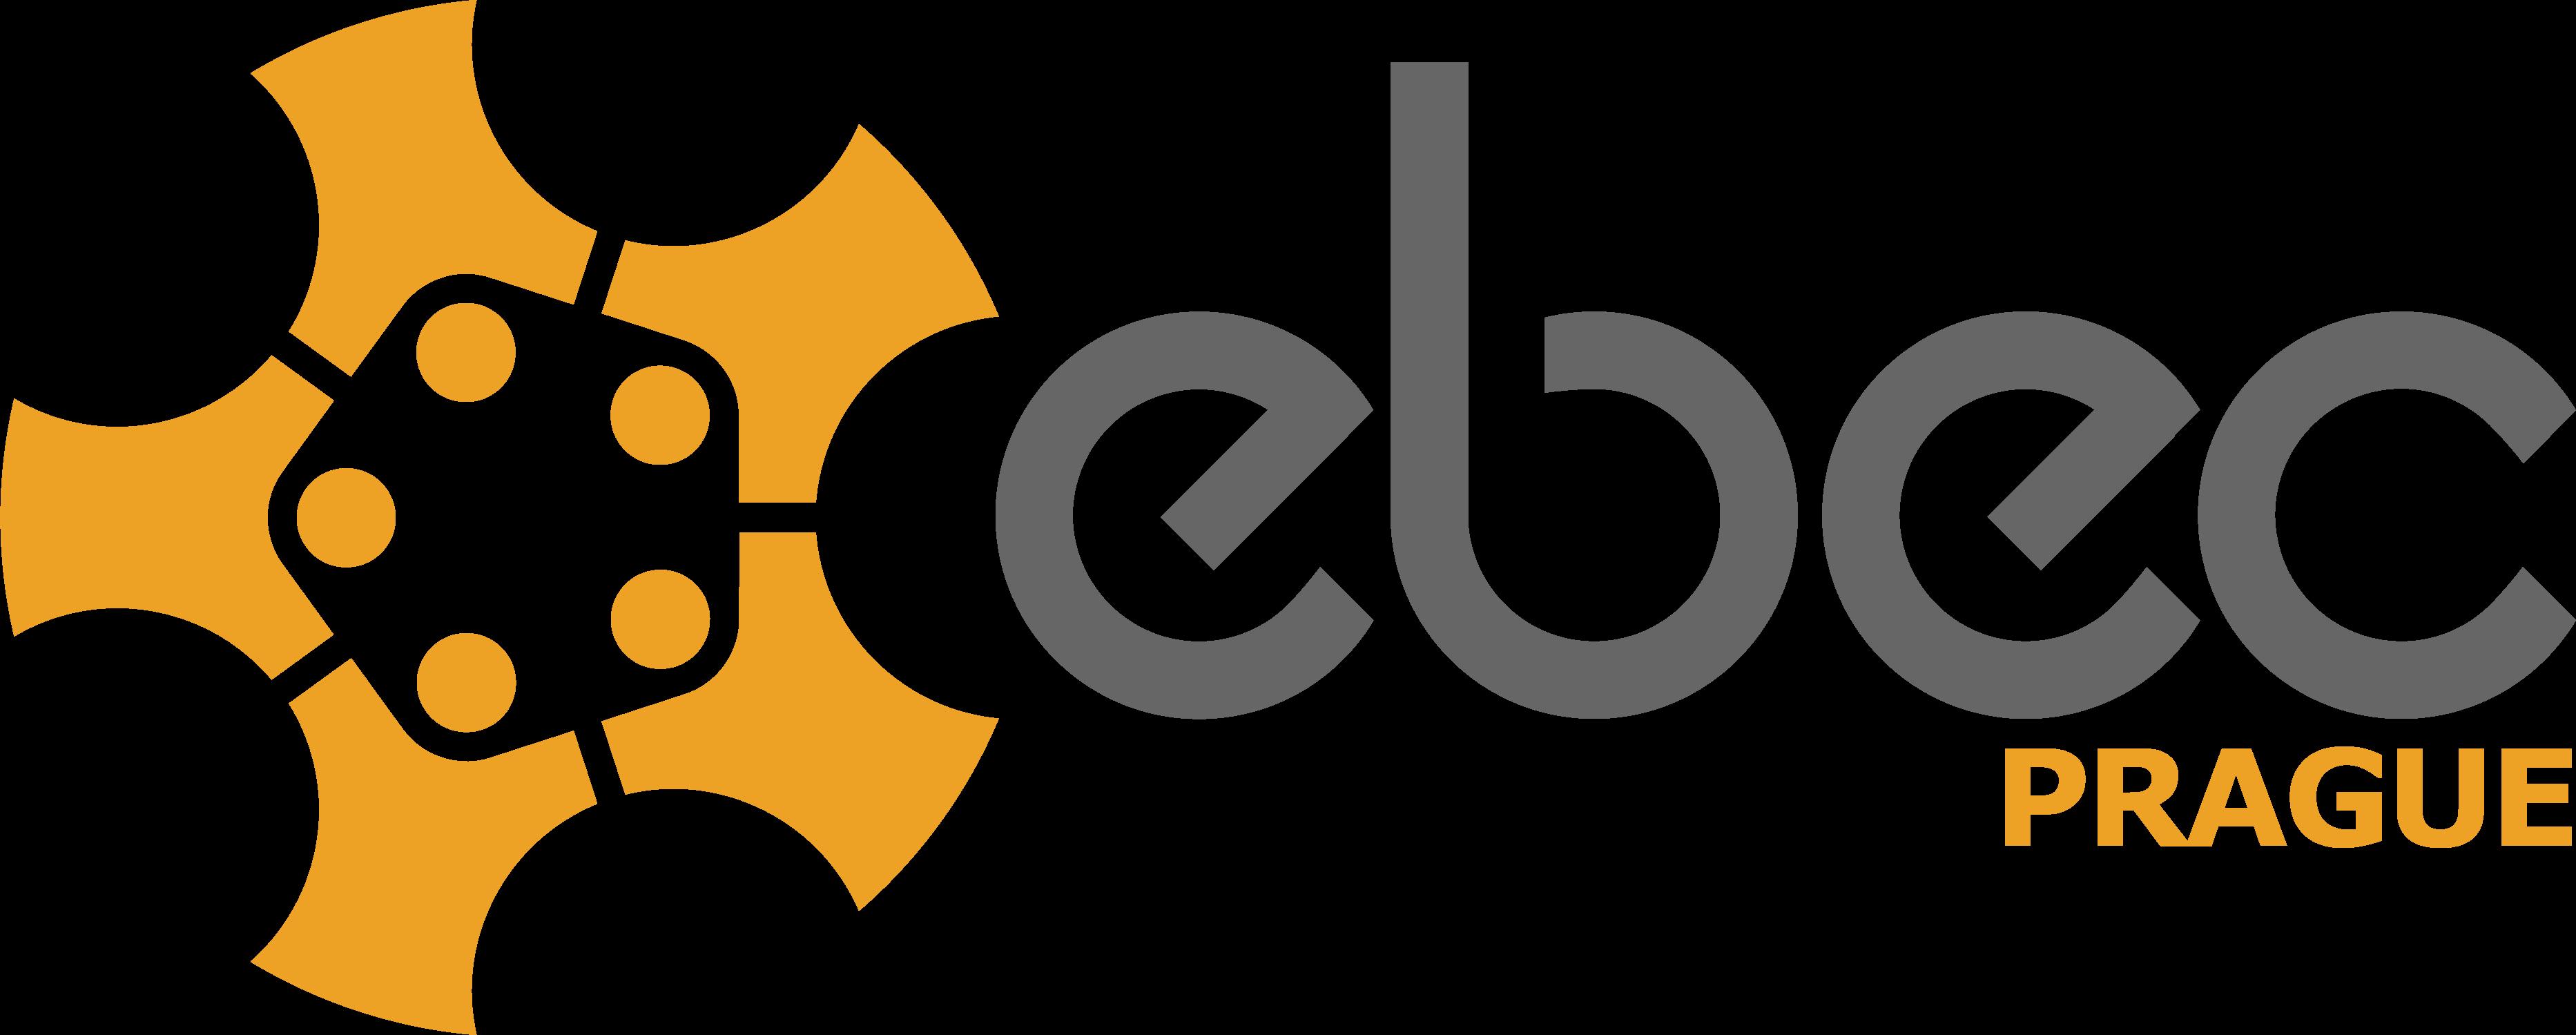 EBECPrague